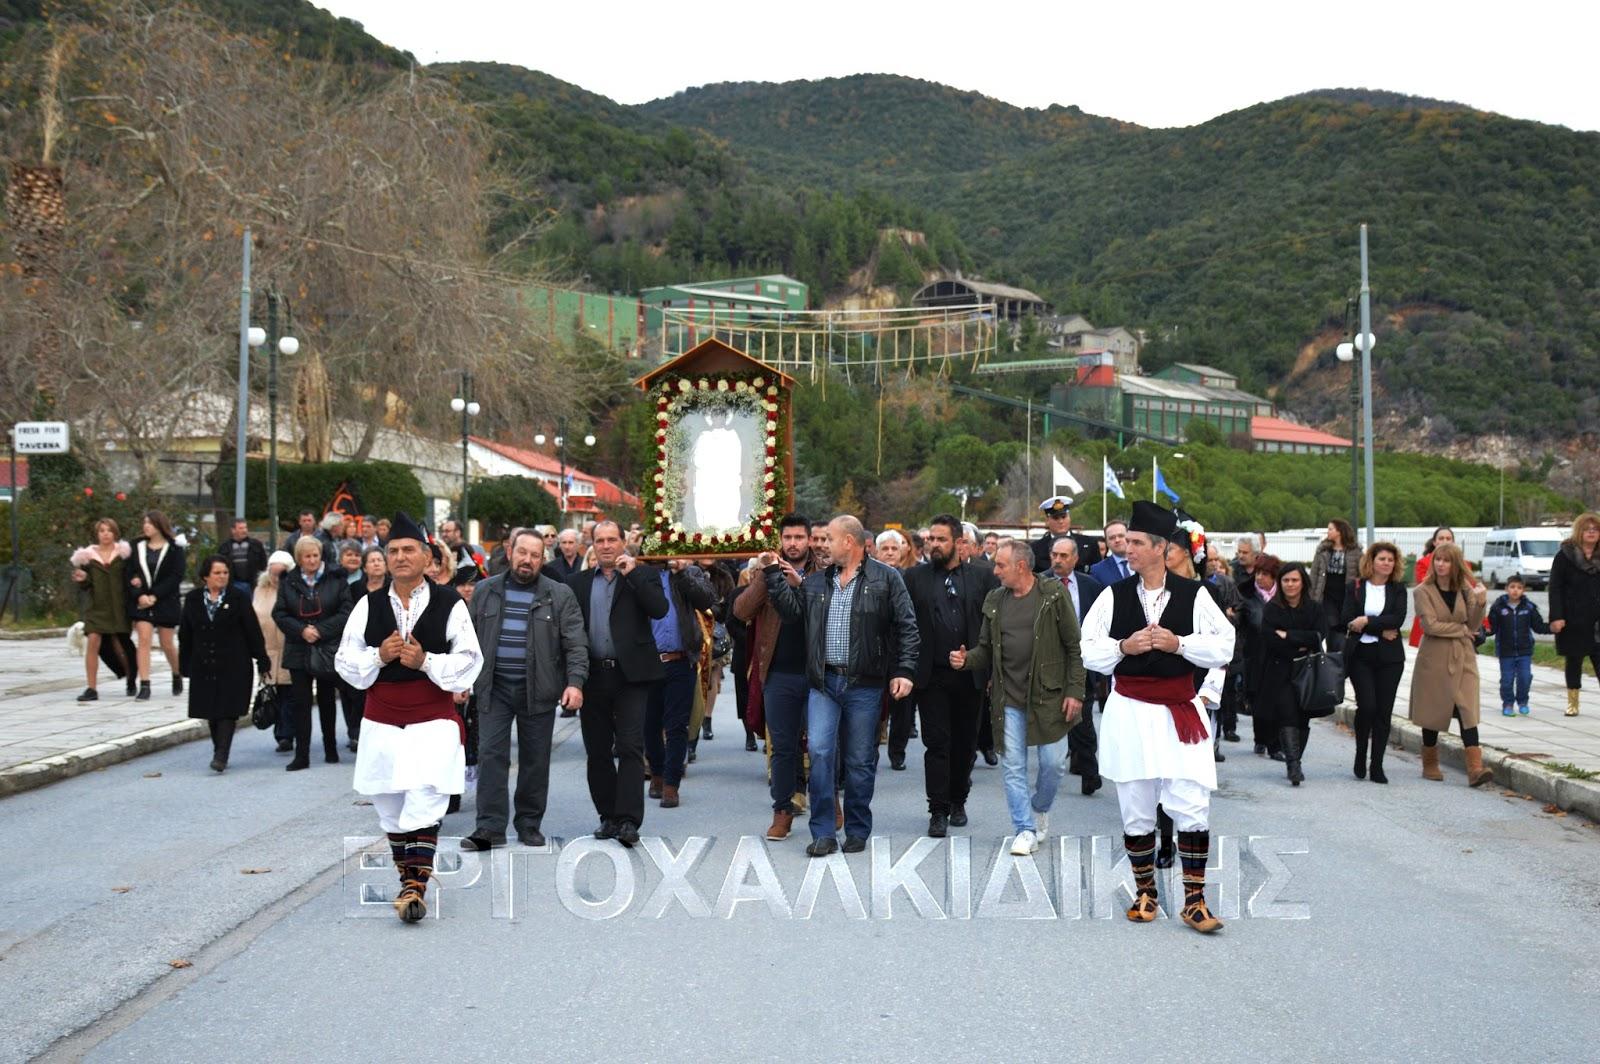 Λαμπρός εορτασμός της Αγίας Βαρβάρας στο Στρατώνι Χαλκιδικής (φωτορεπορτάζ)